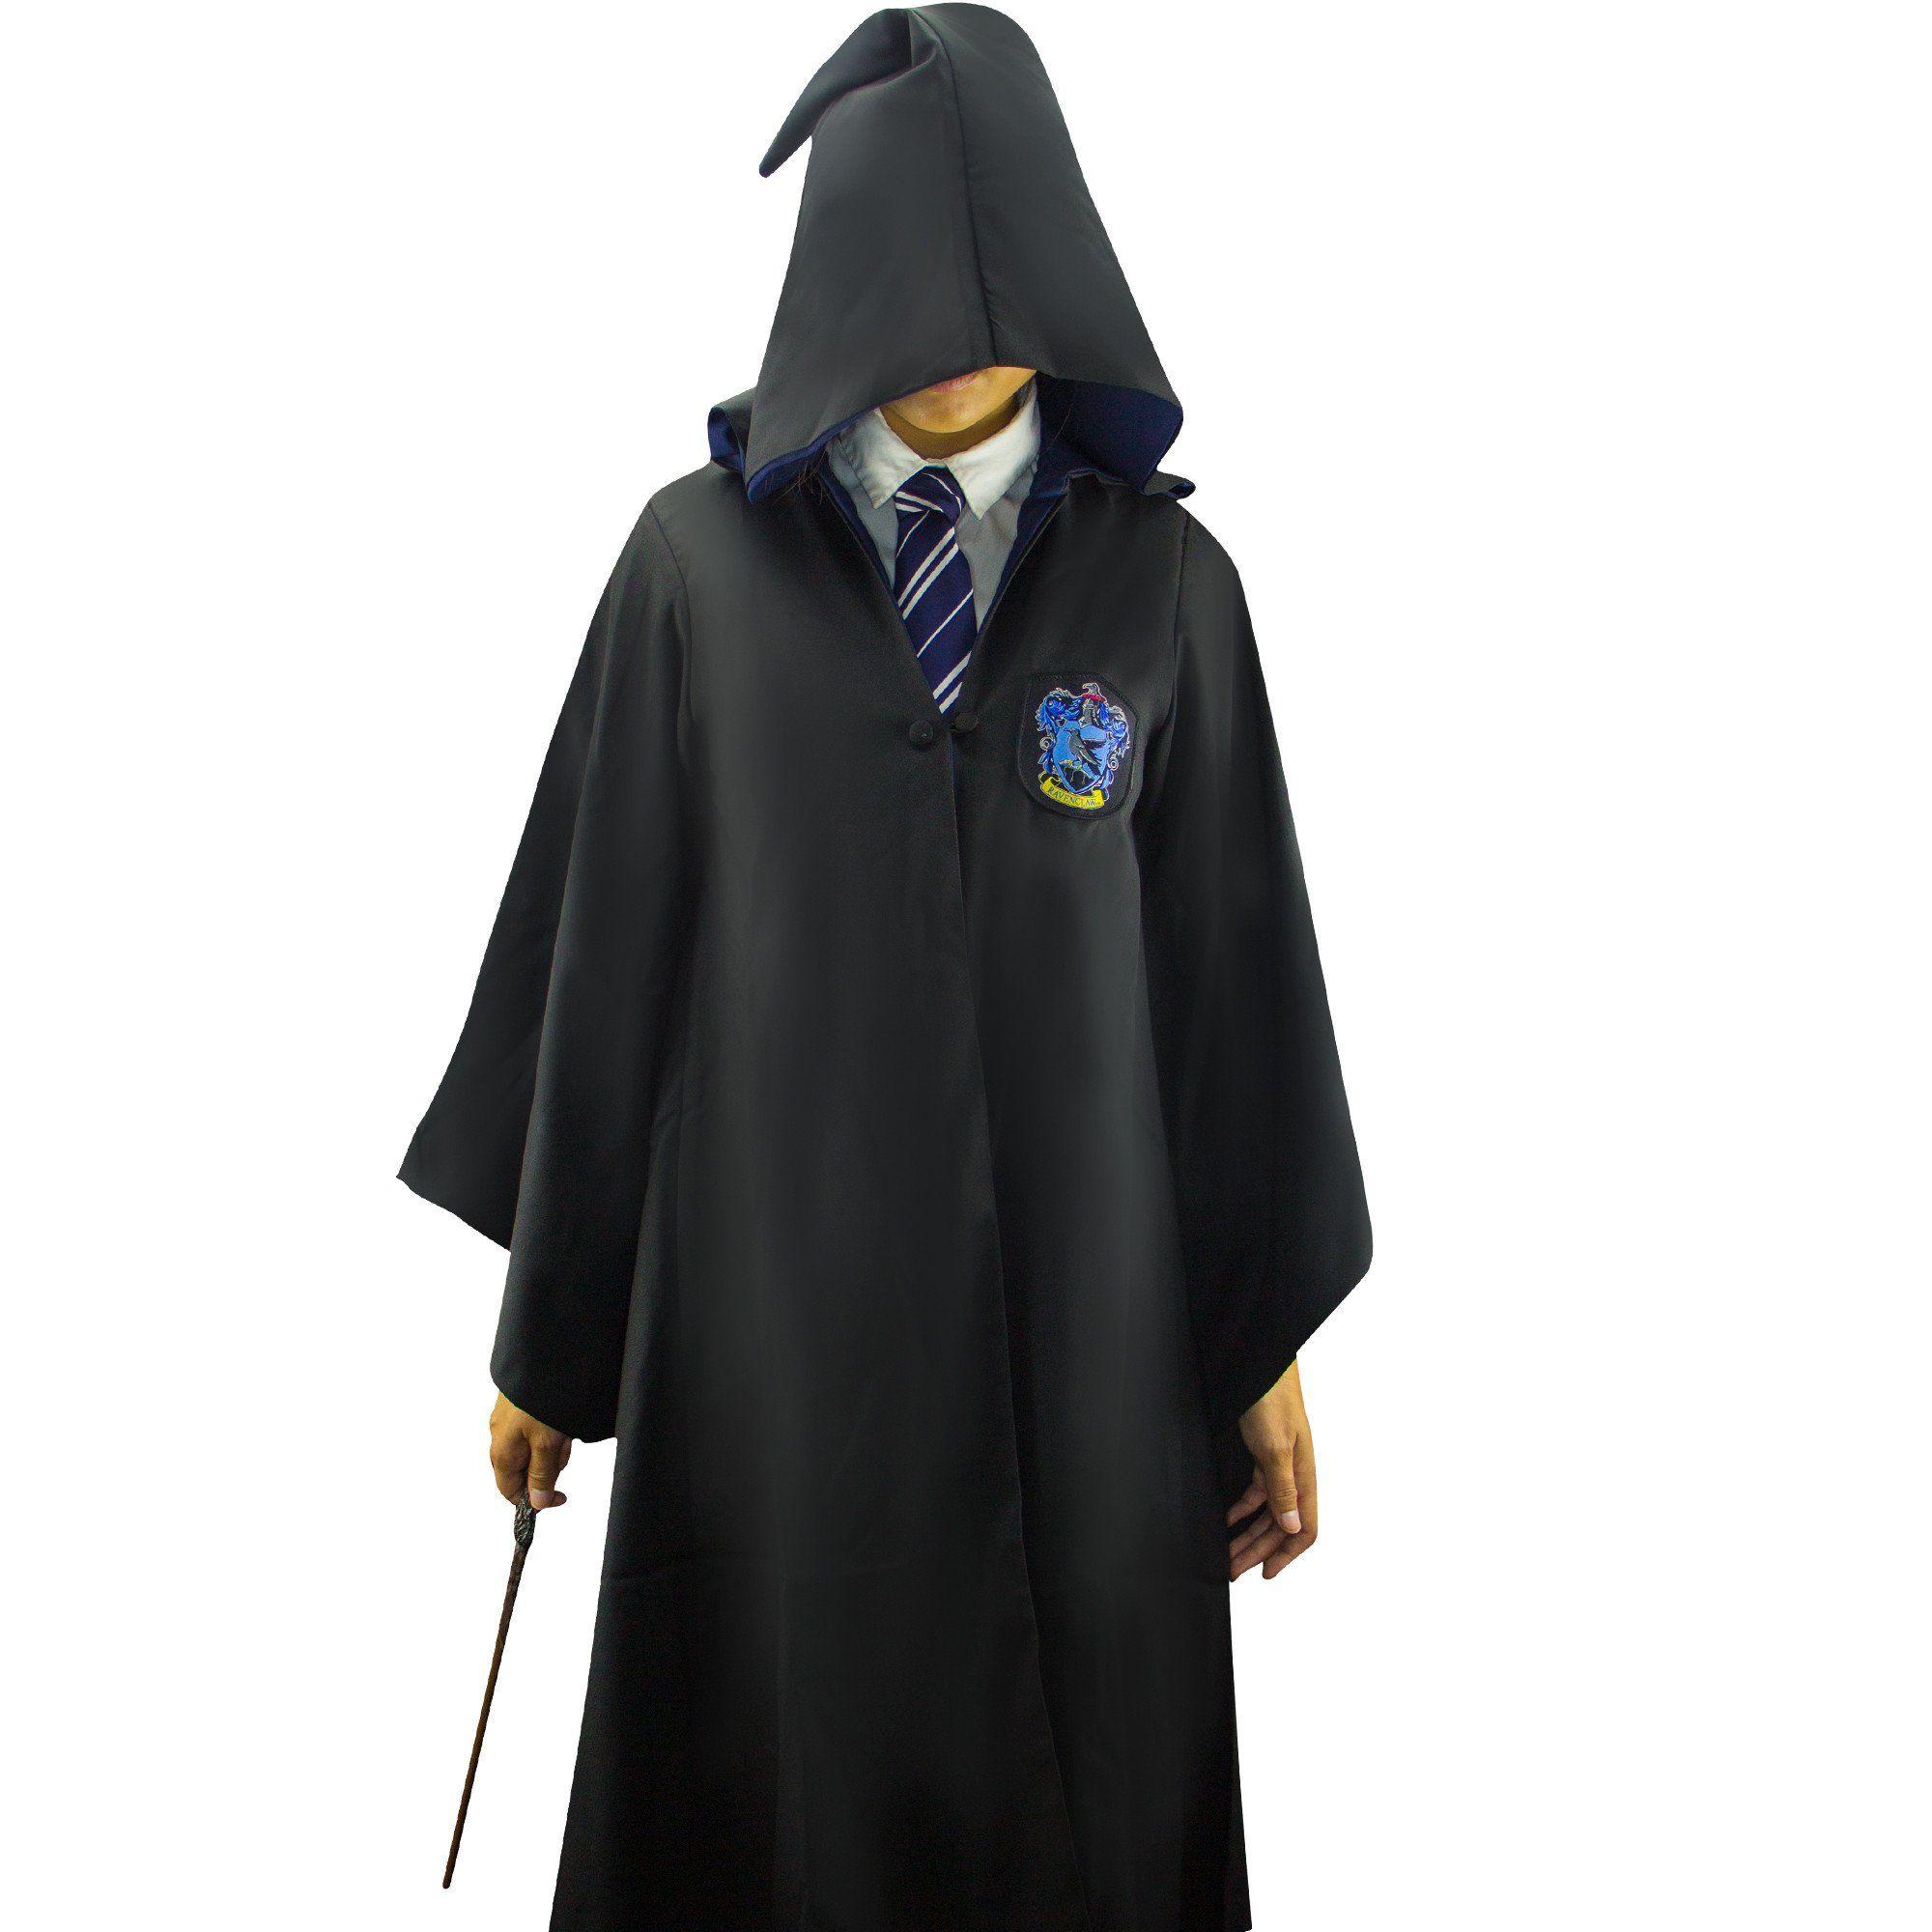 CineReplicas Harry Potter Robe de sorcier Ravenclaw